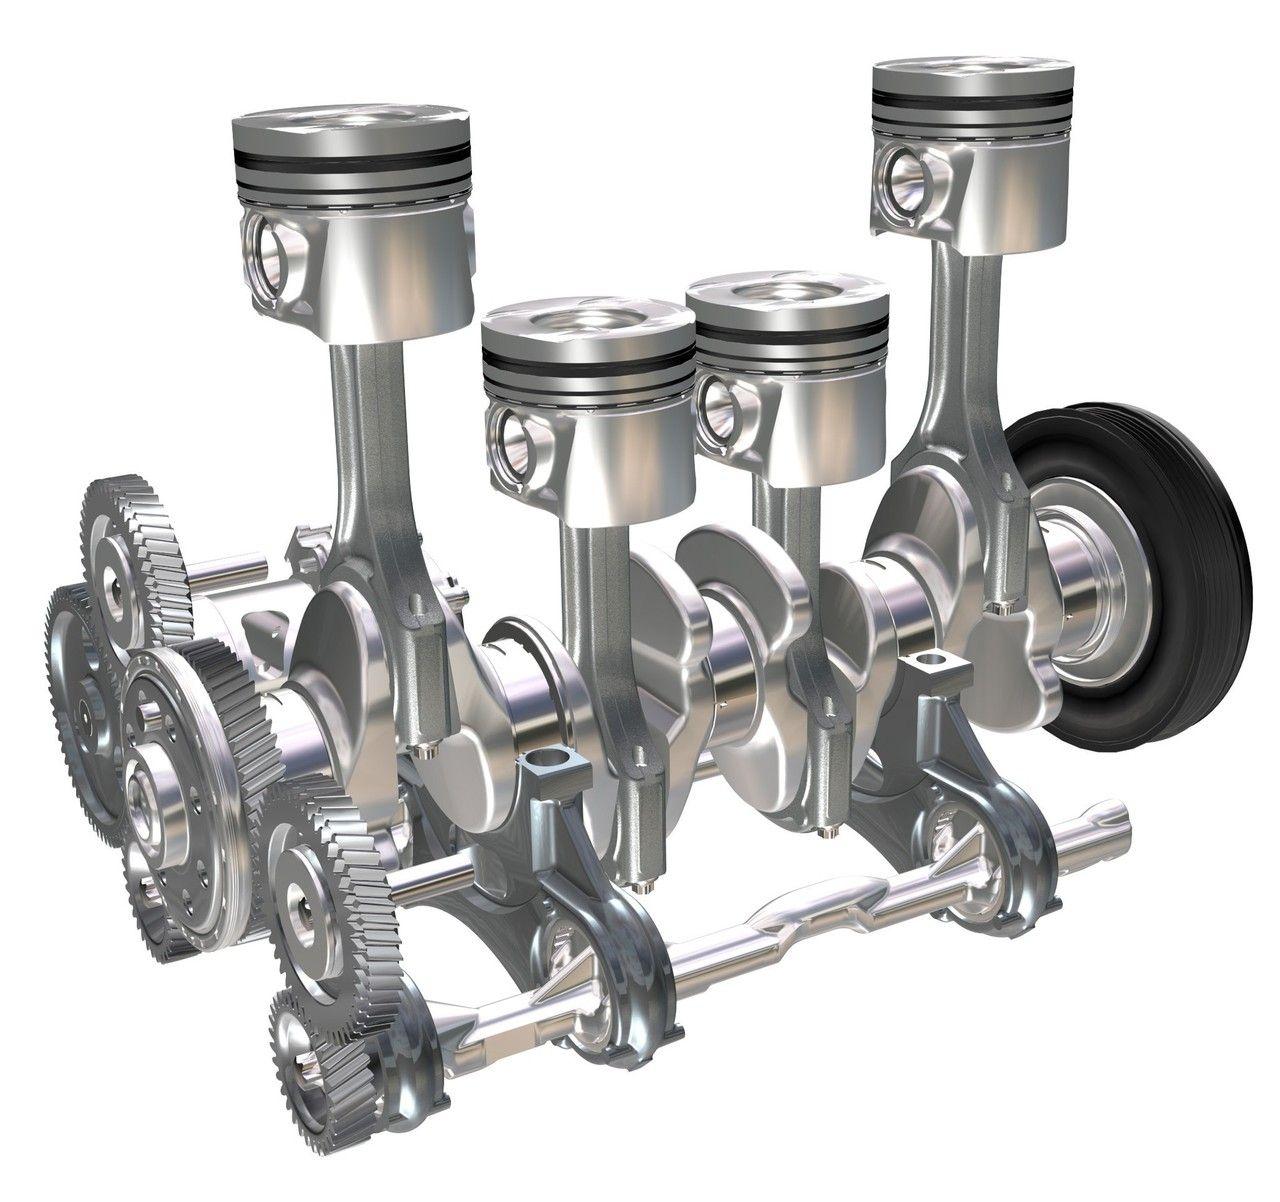 Mercedes-Benz A-Class, drive system, diesel engines | Mercedes-Benz ...